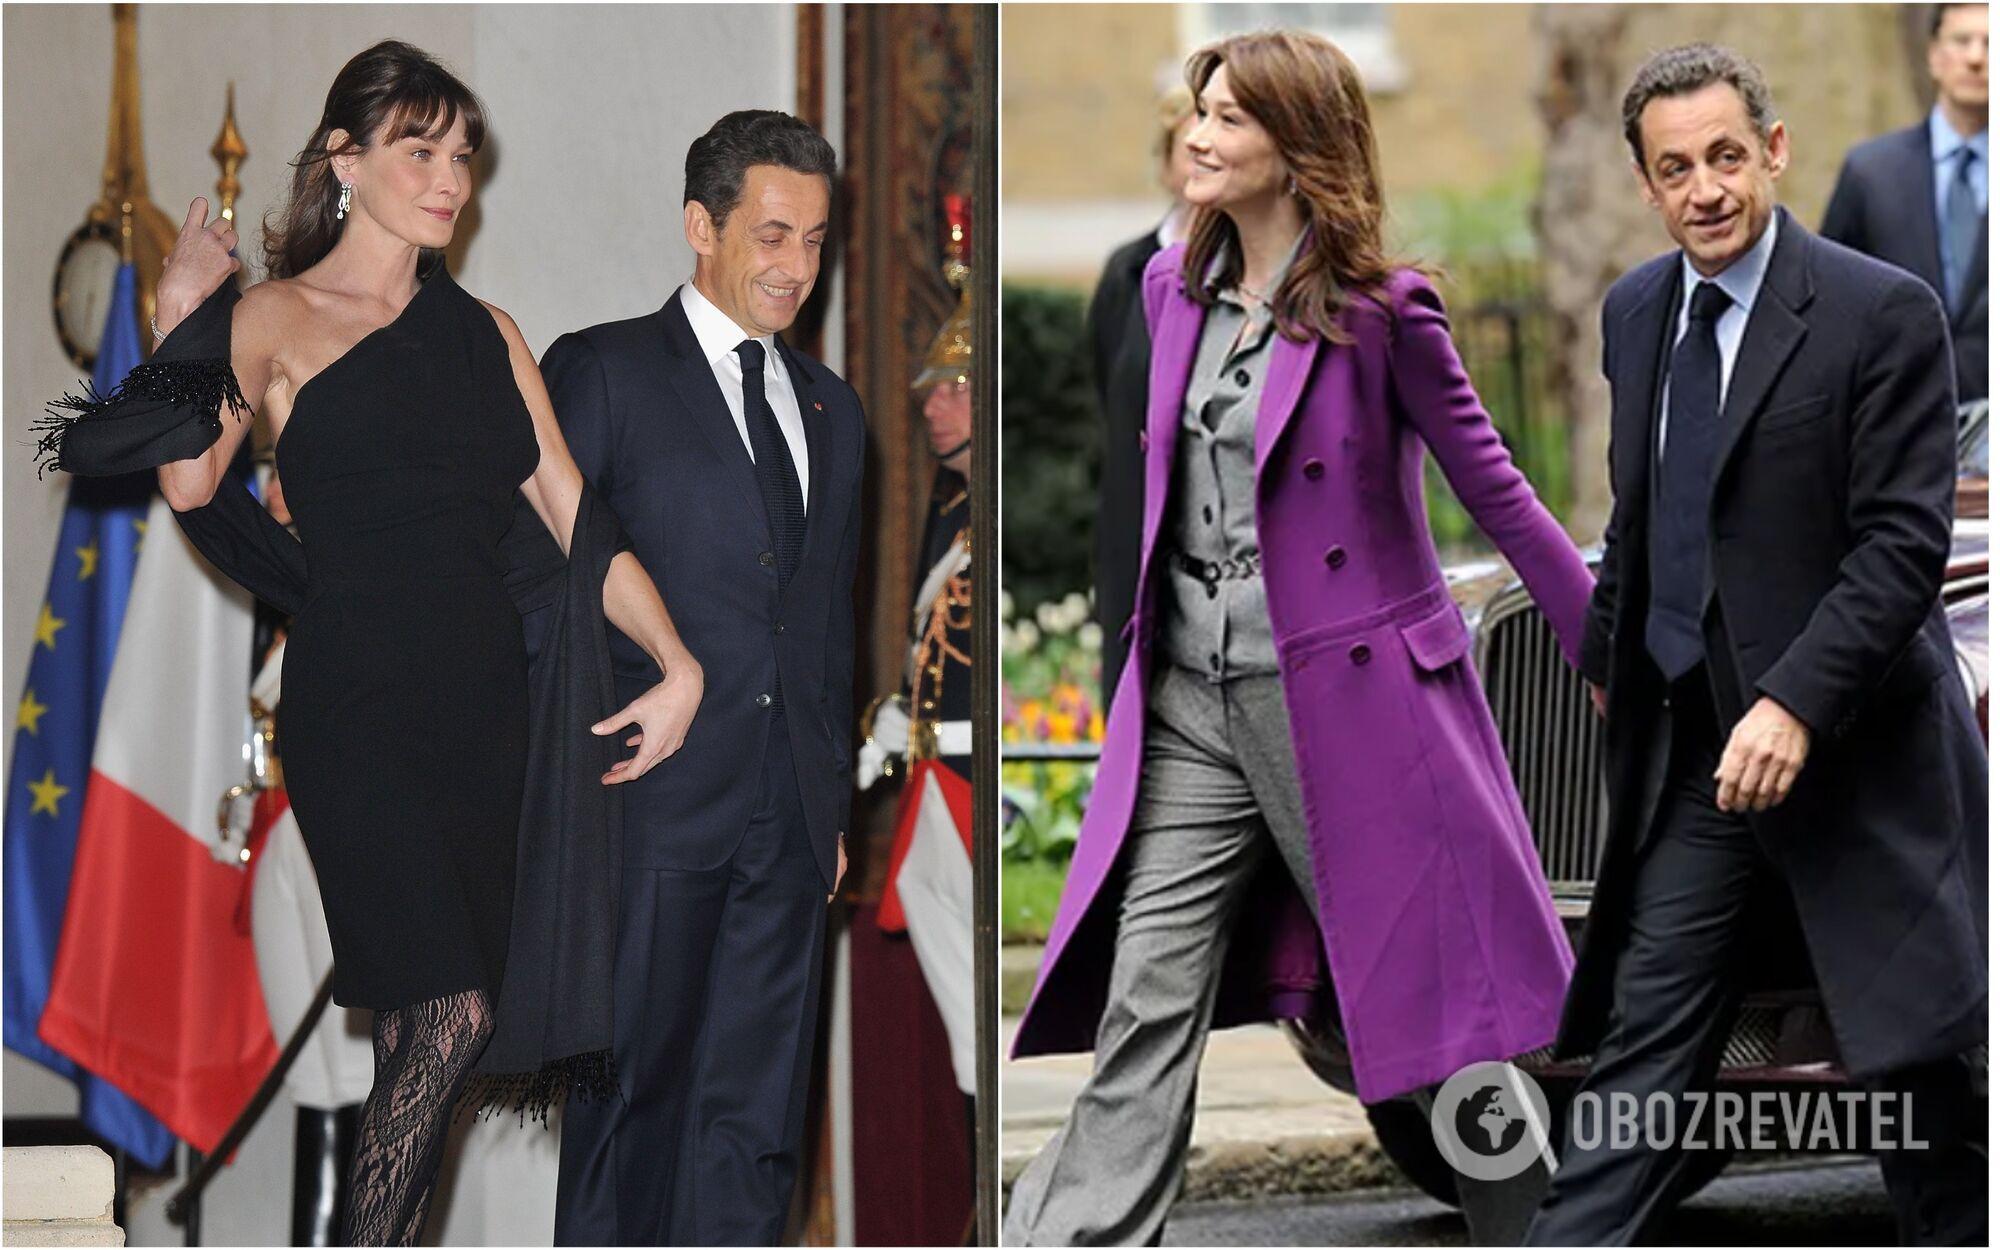 Карла Бруни выше Николя Саркози на целых 10 сантиметров.